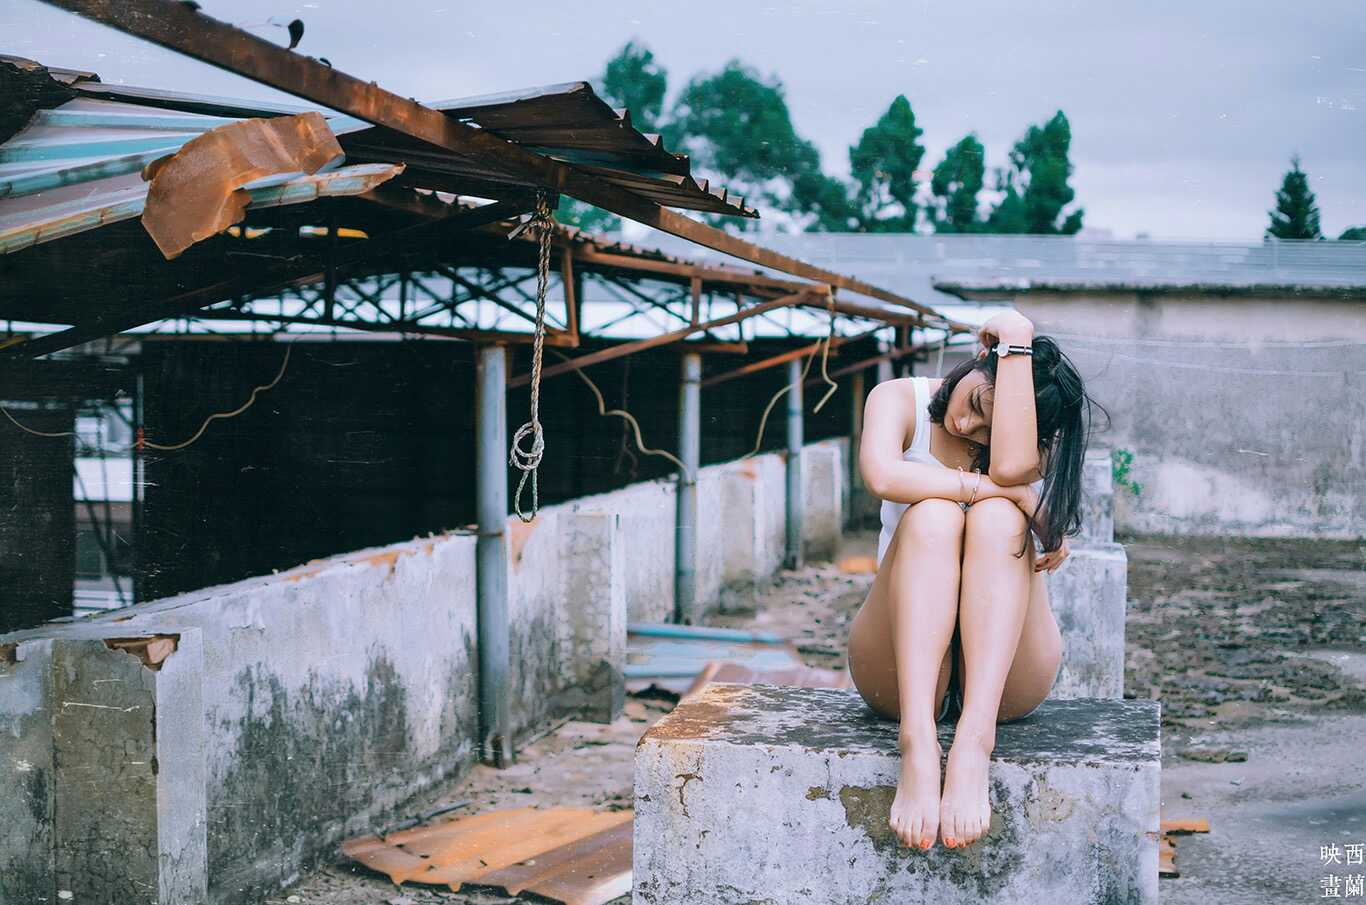 愿把那世间虚无缥缈埋葬:废墟少女